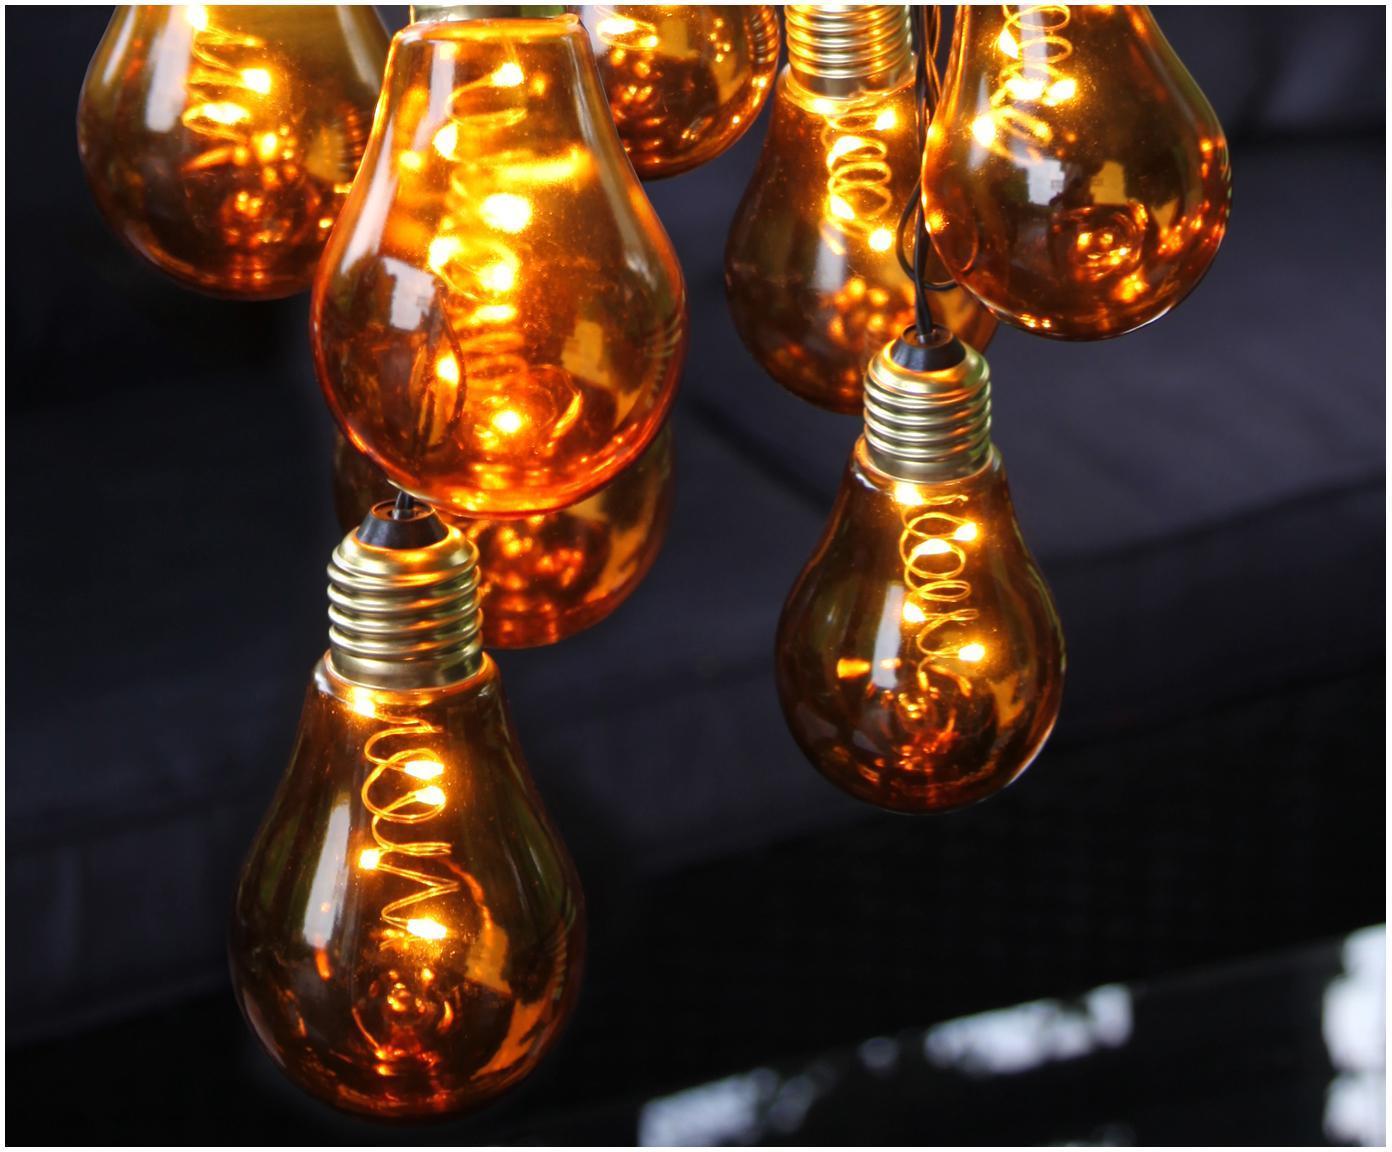 Girlanda świetlna LED Bulb, 360 cm, Żarówka: bursztynowy, złoty<br>Kabel: czarny, D 360 cm